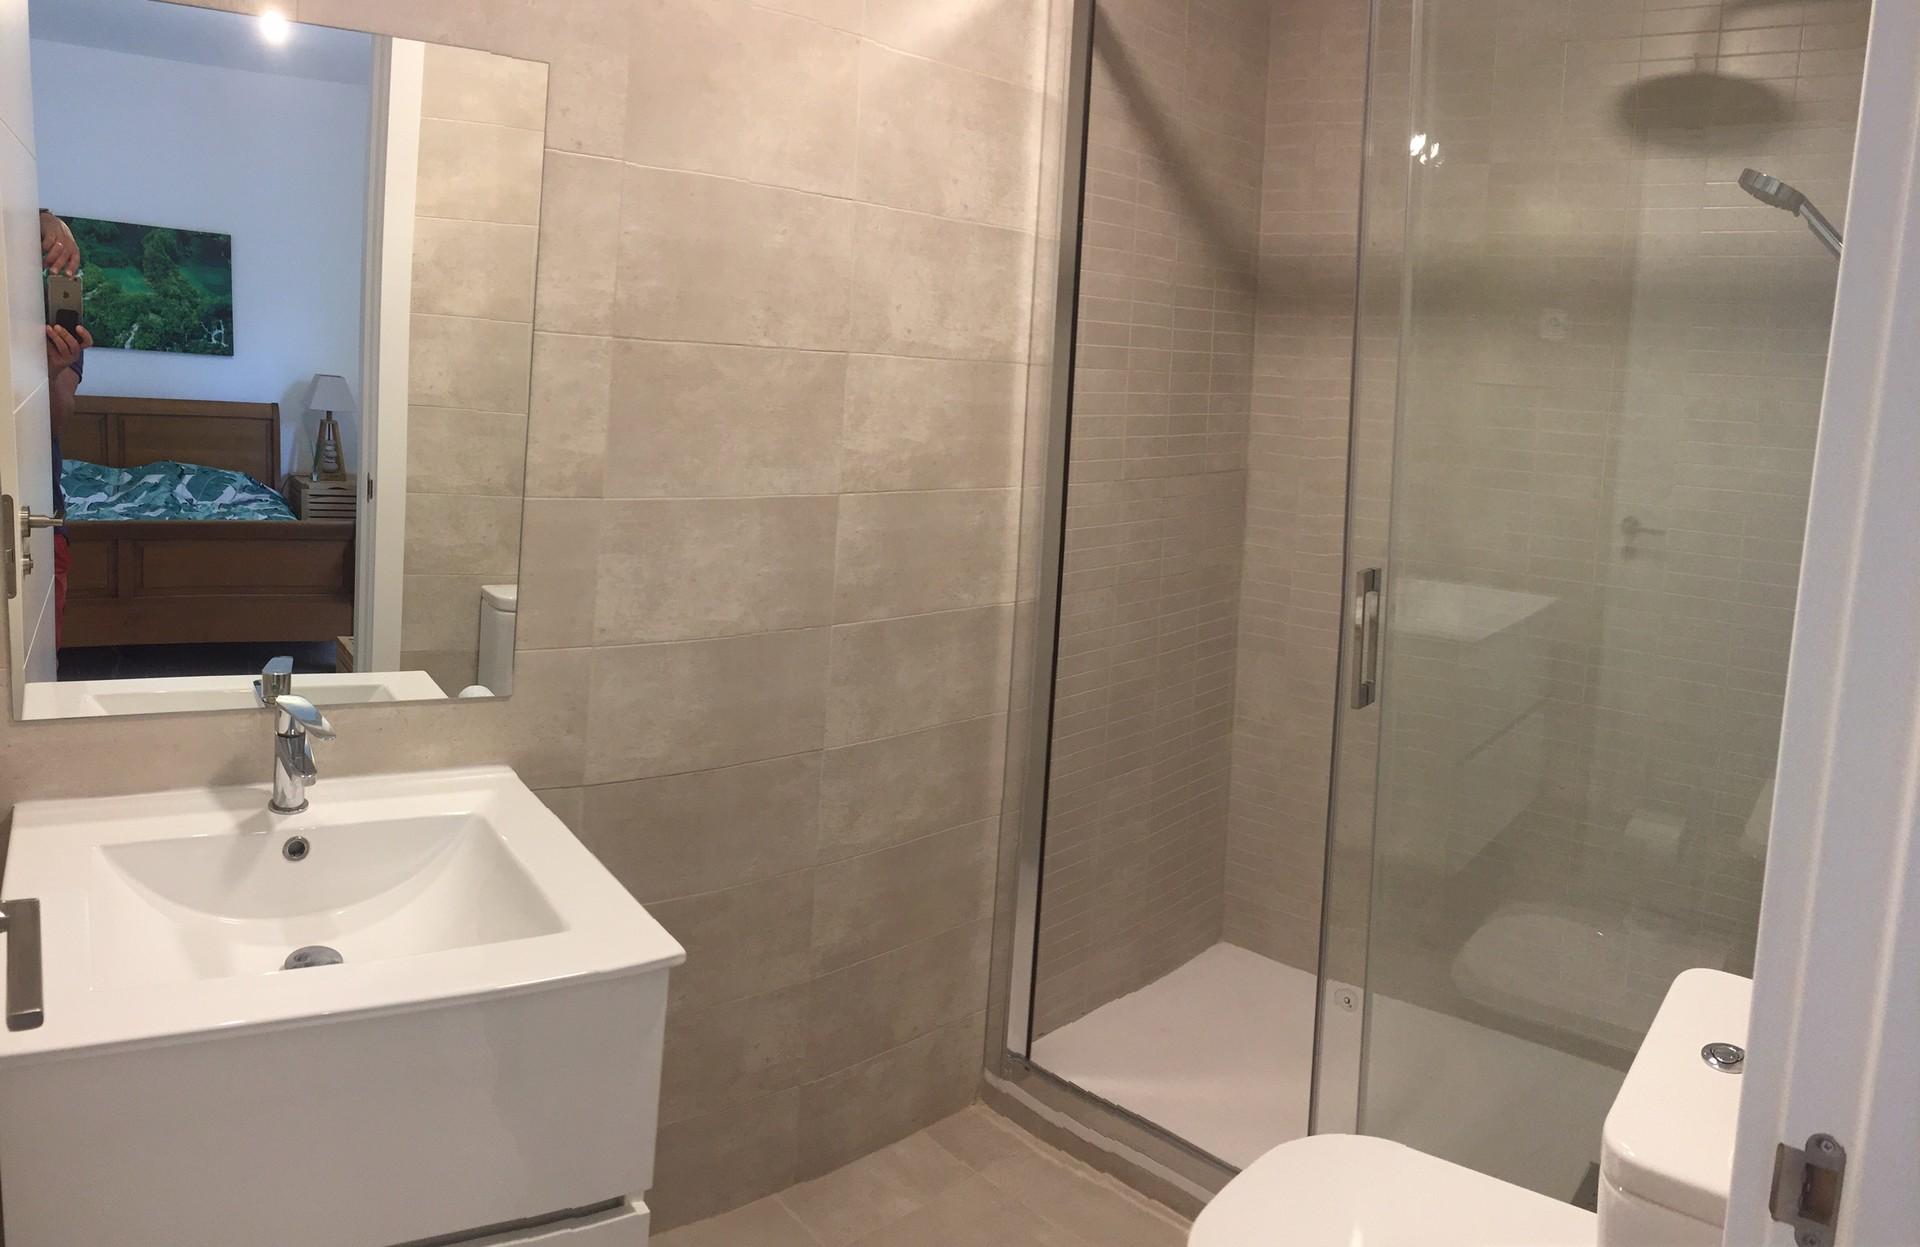 Non Disponible Chambre Sale De Bain Et Salon Independant Tout Frais Inclus Location Studios Villanueva De La Canada